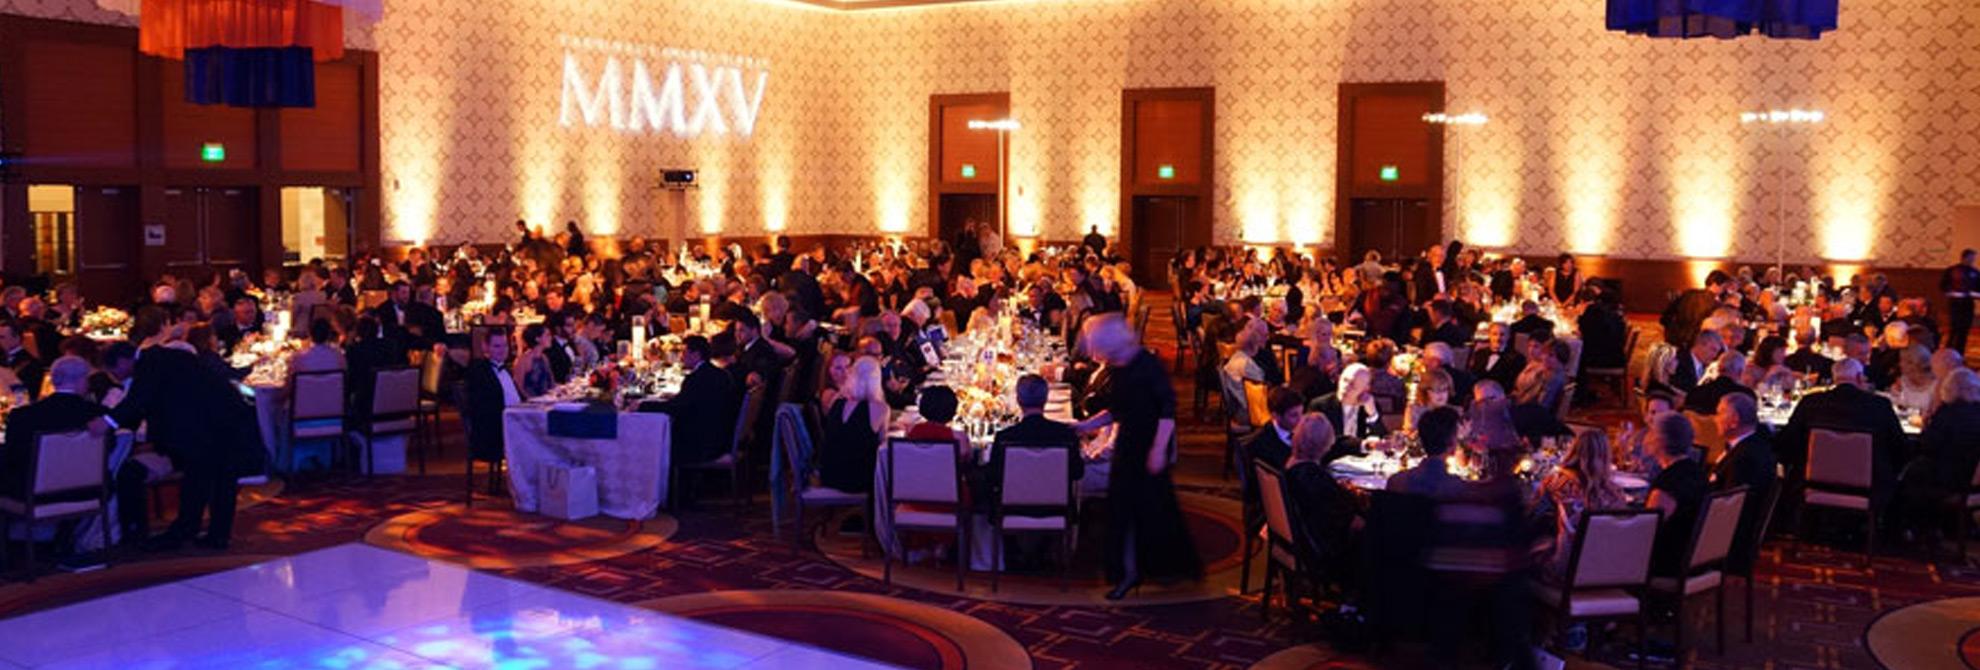 Cardinal's Awards Dinner